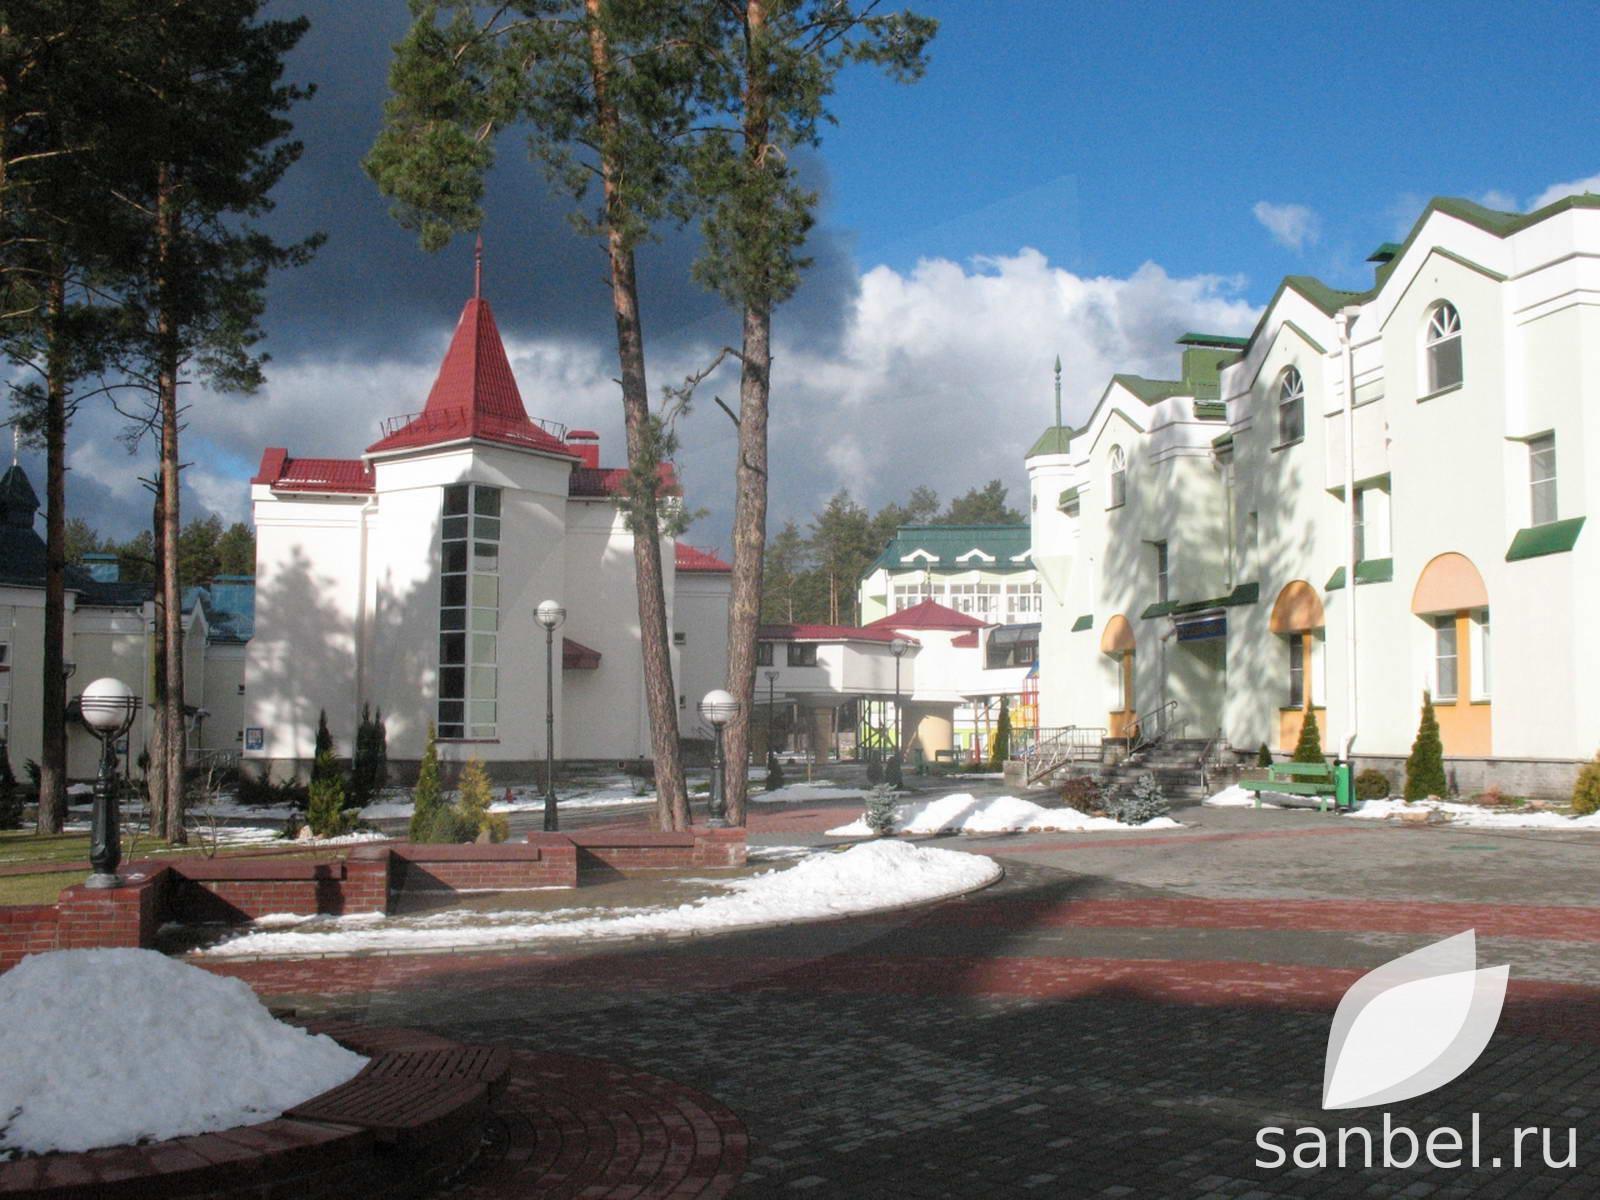 Туры в Санаторий Ружанский